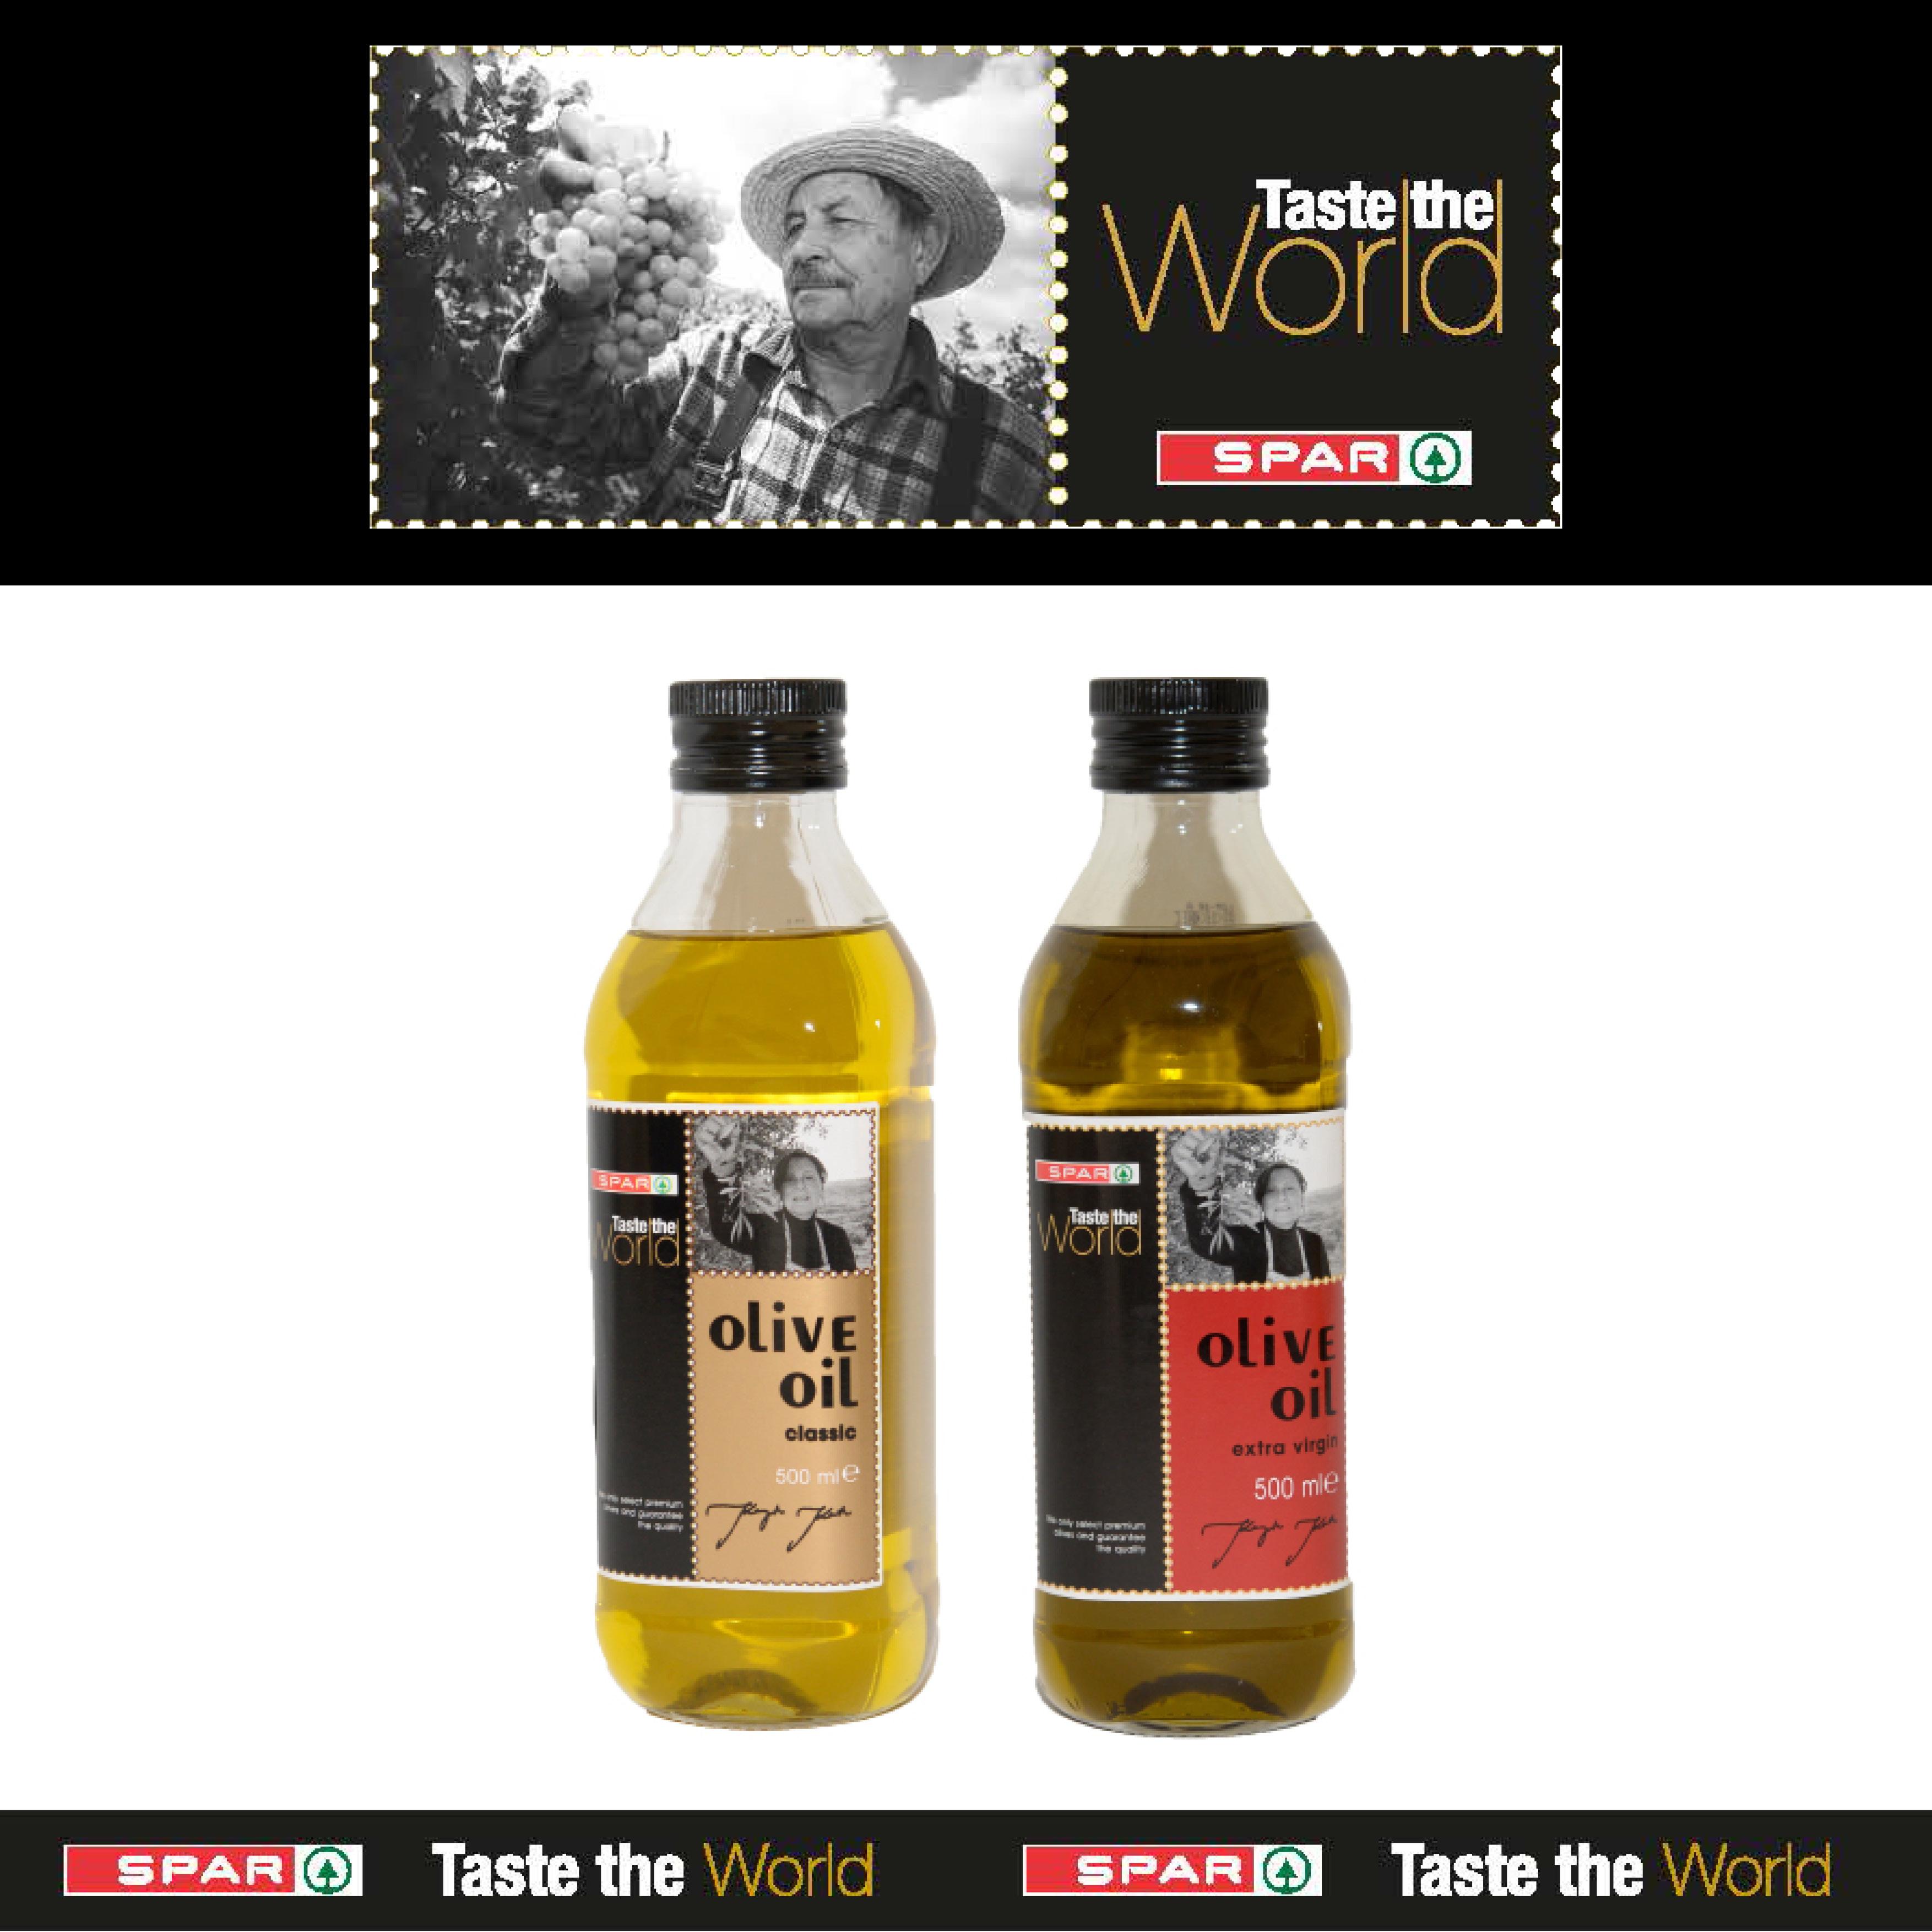 SPAR Taste The World Olive Oils